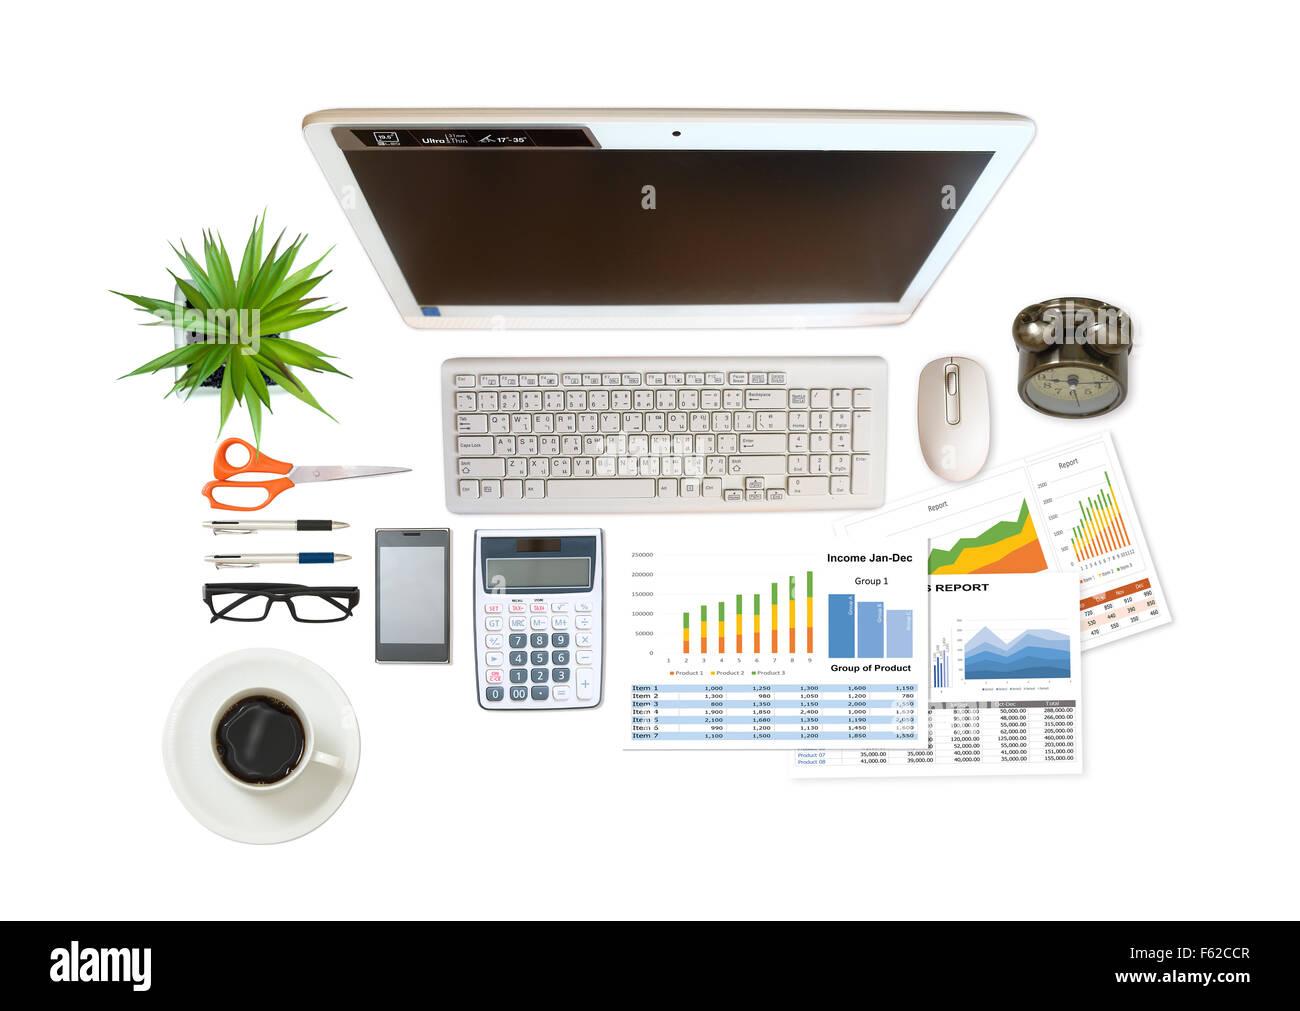 Immagine di business e relazione finanziaria su sfondo bianco Foto Stock